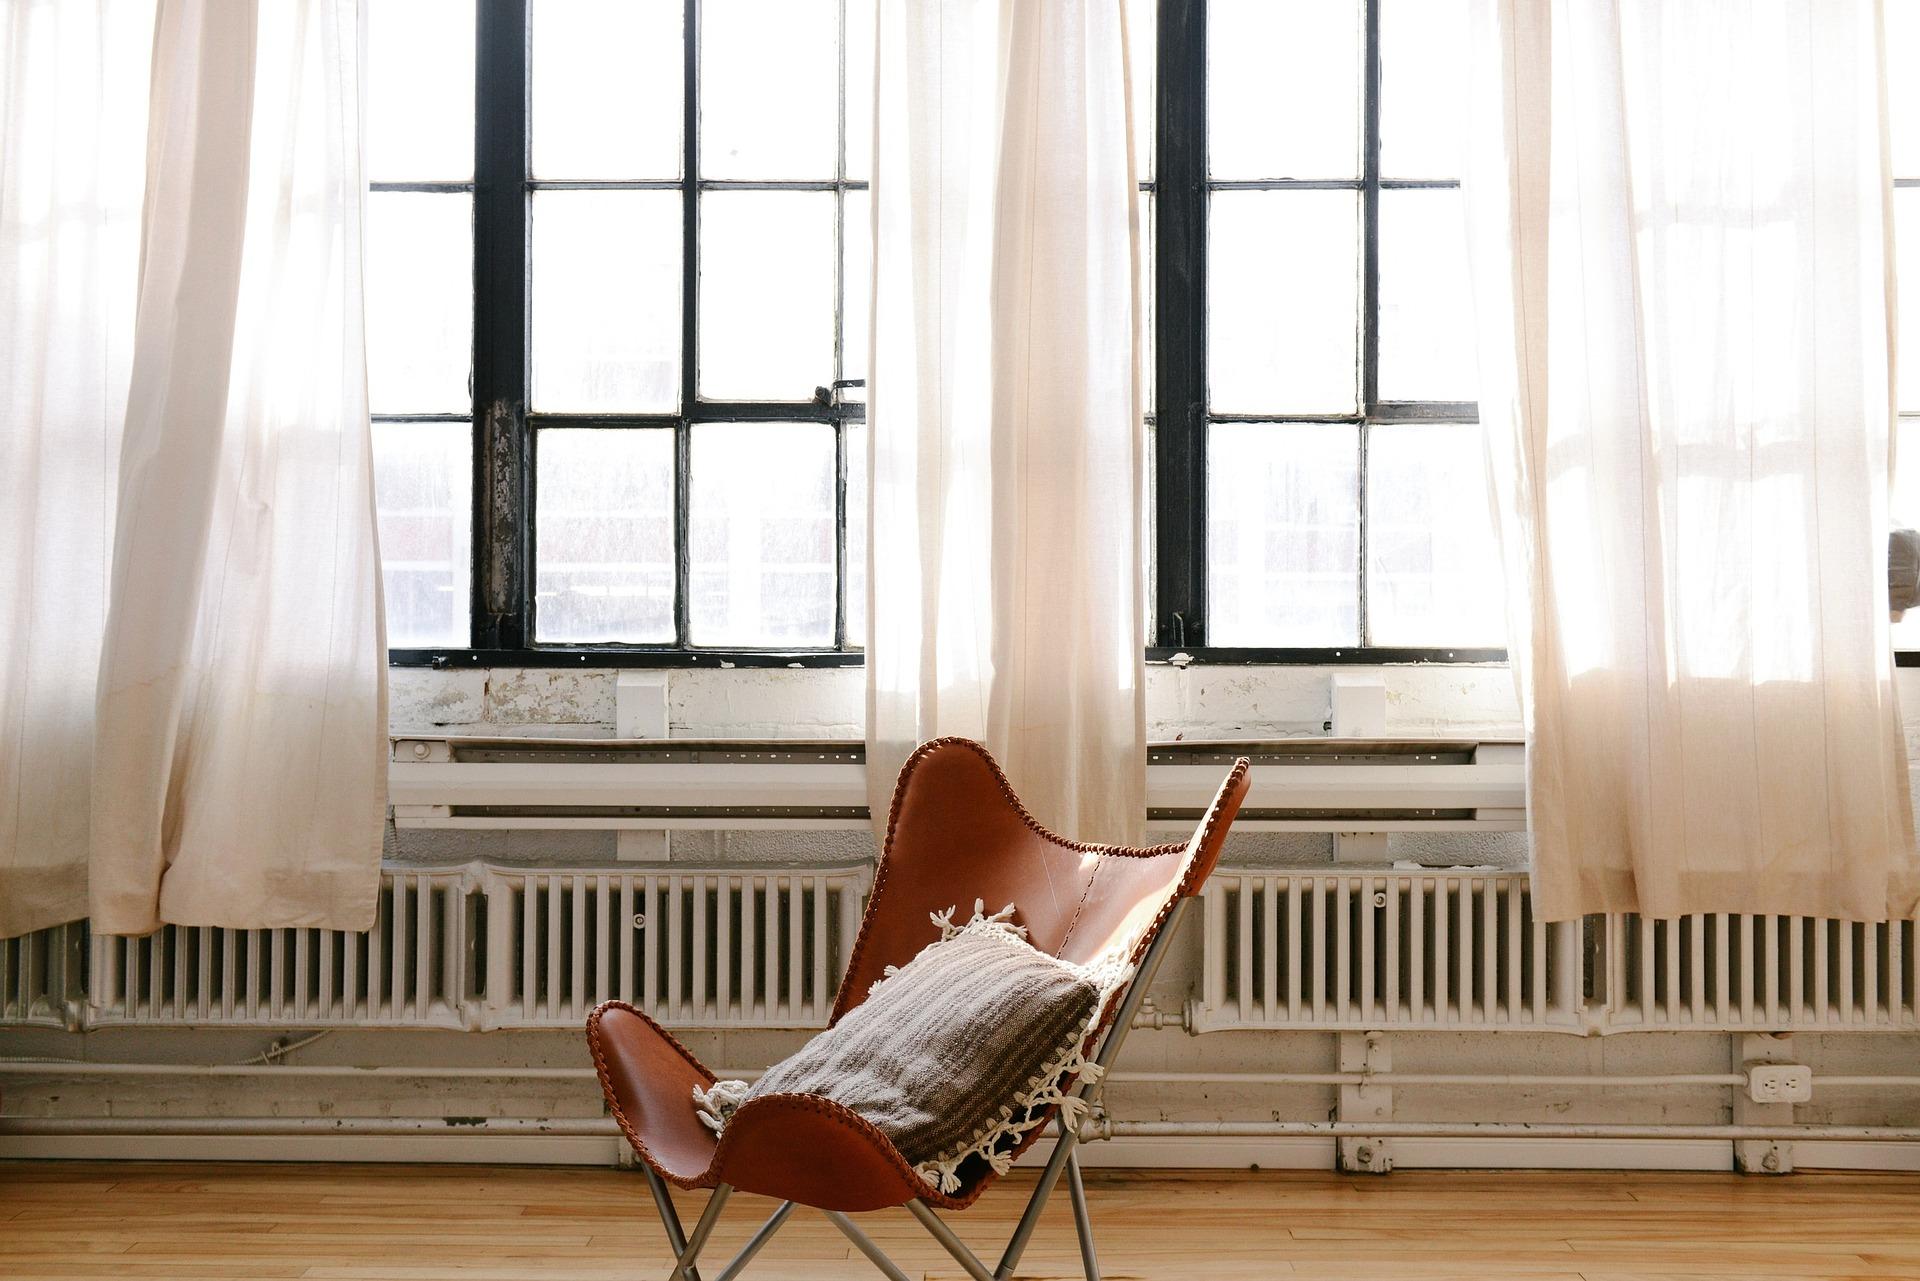 chair-690341_1920